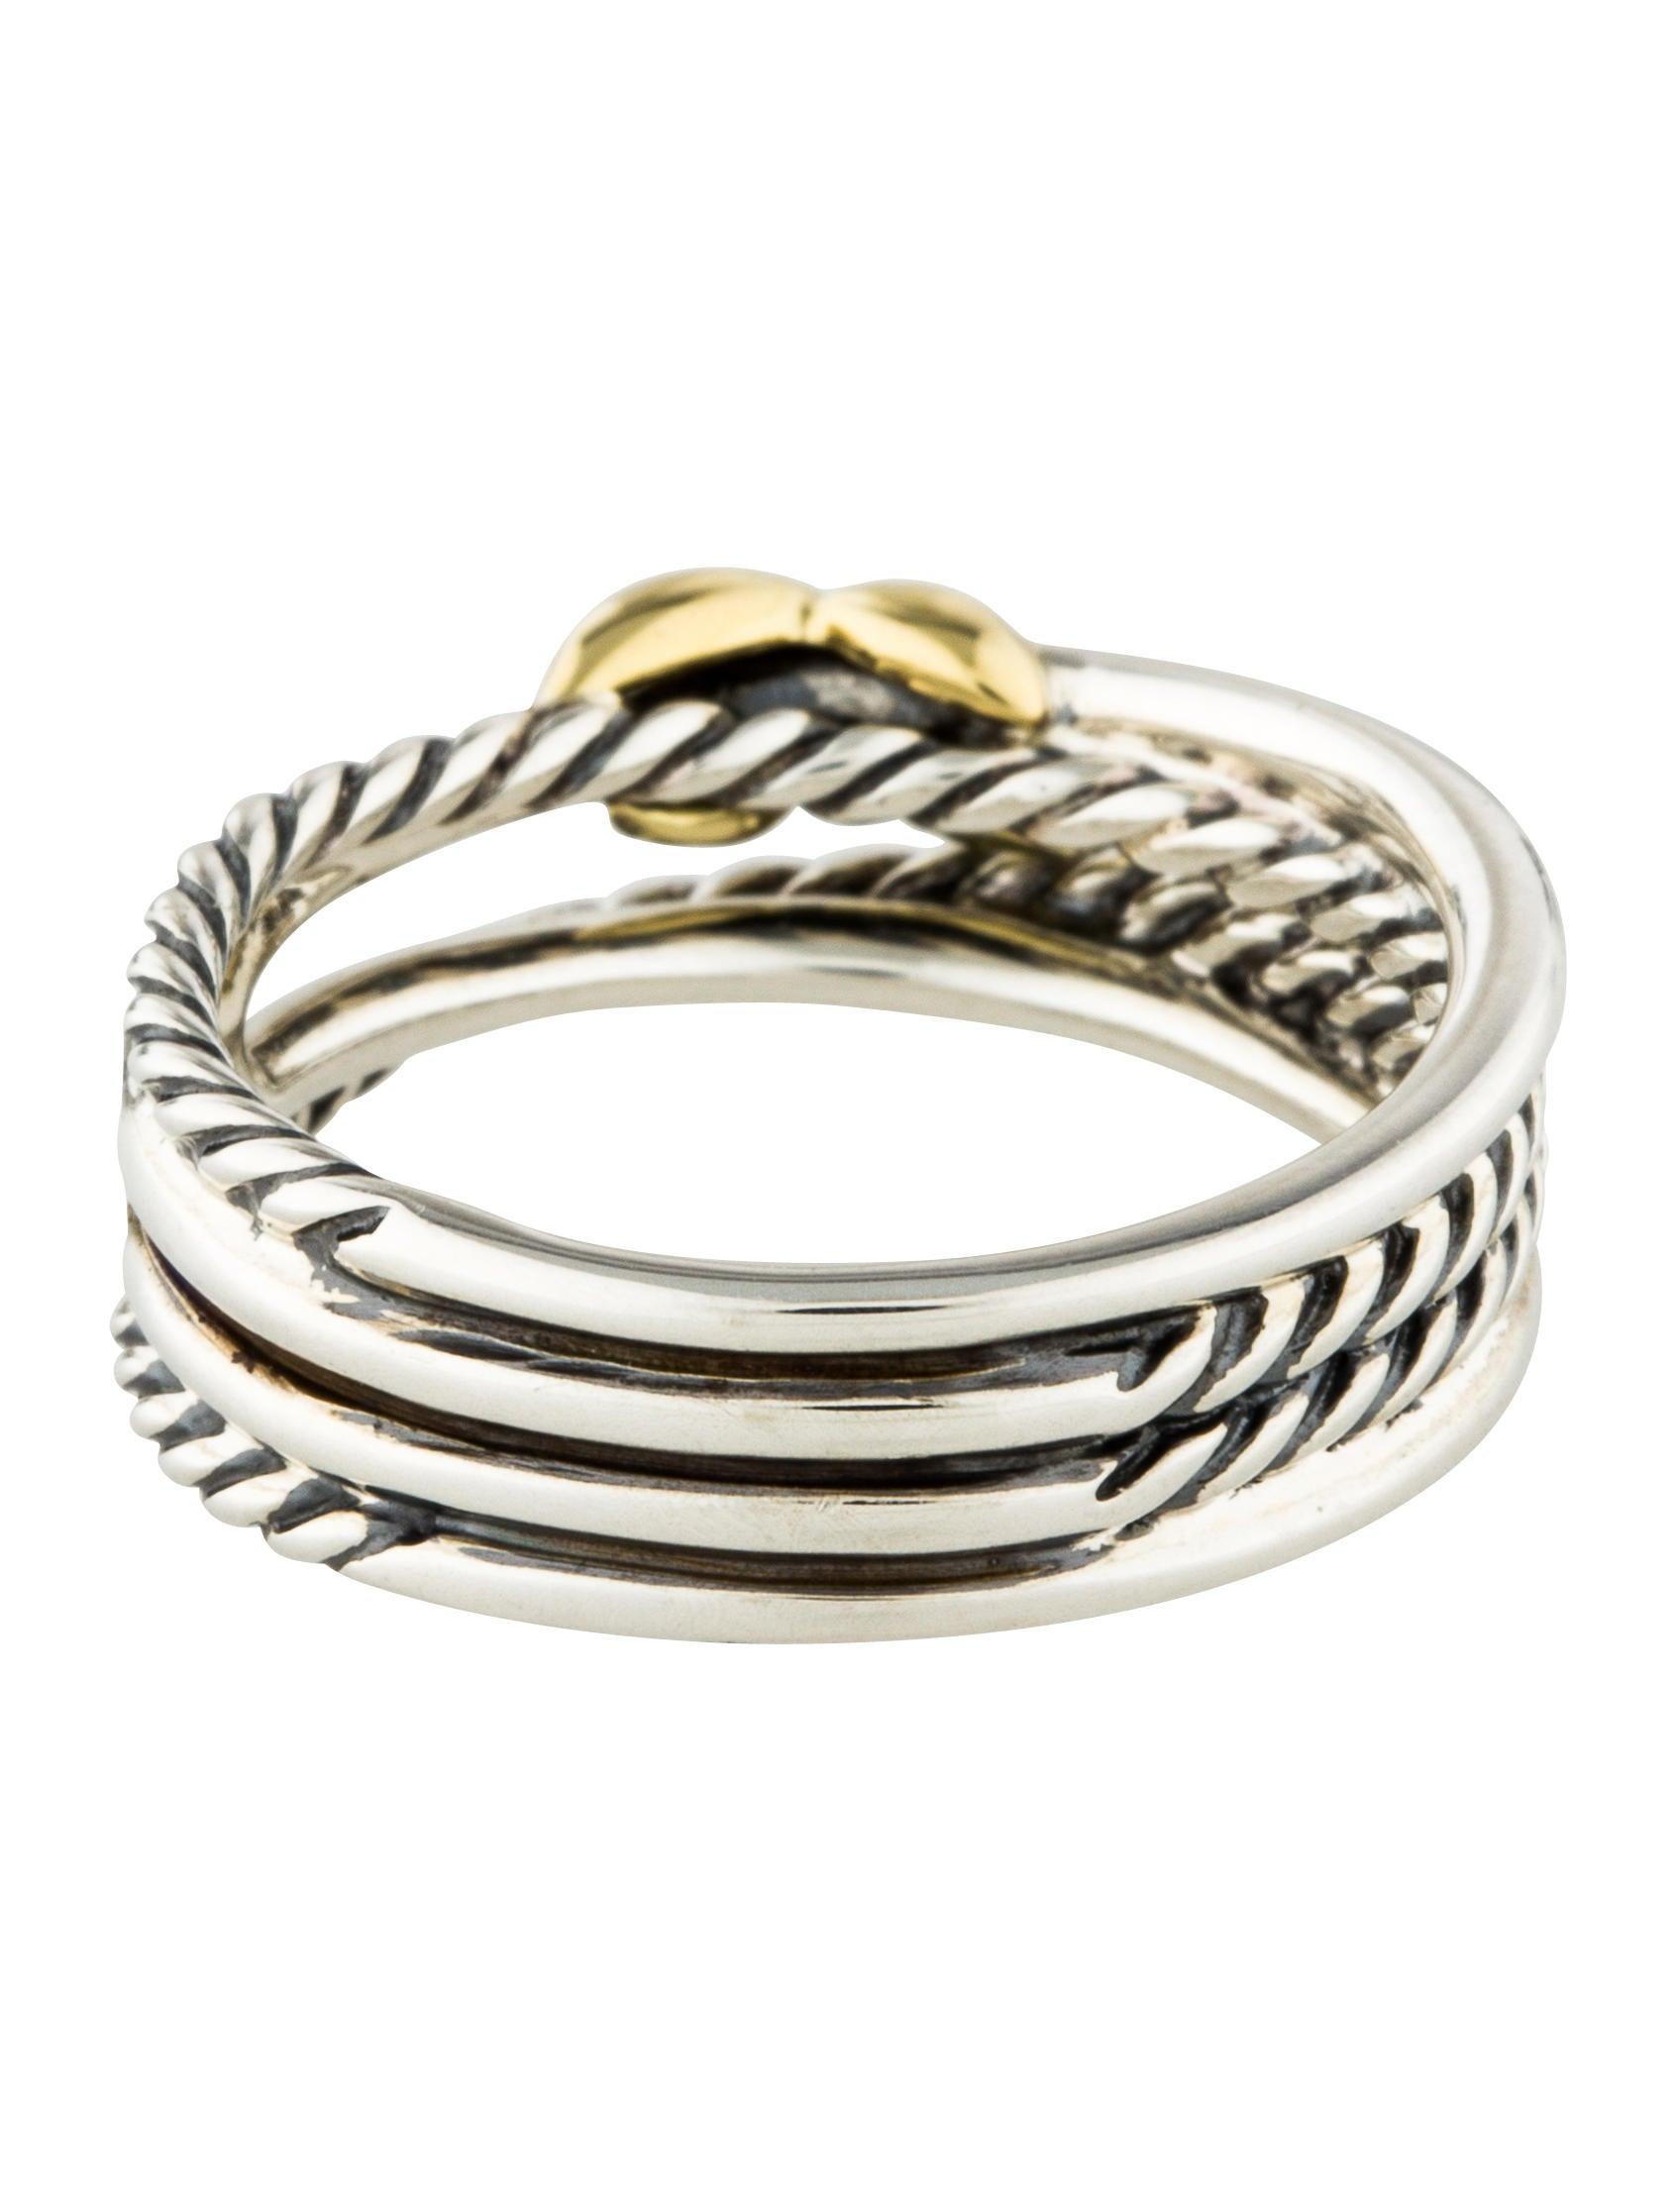 David Yurman Crossover X Ring